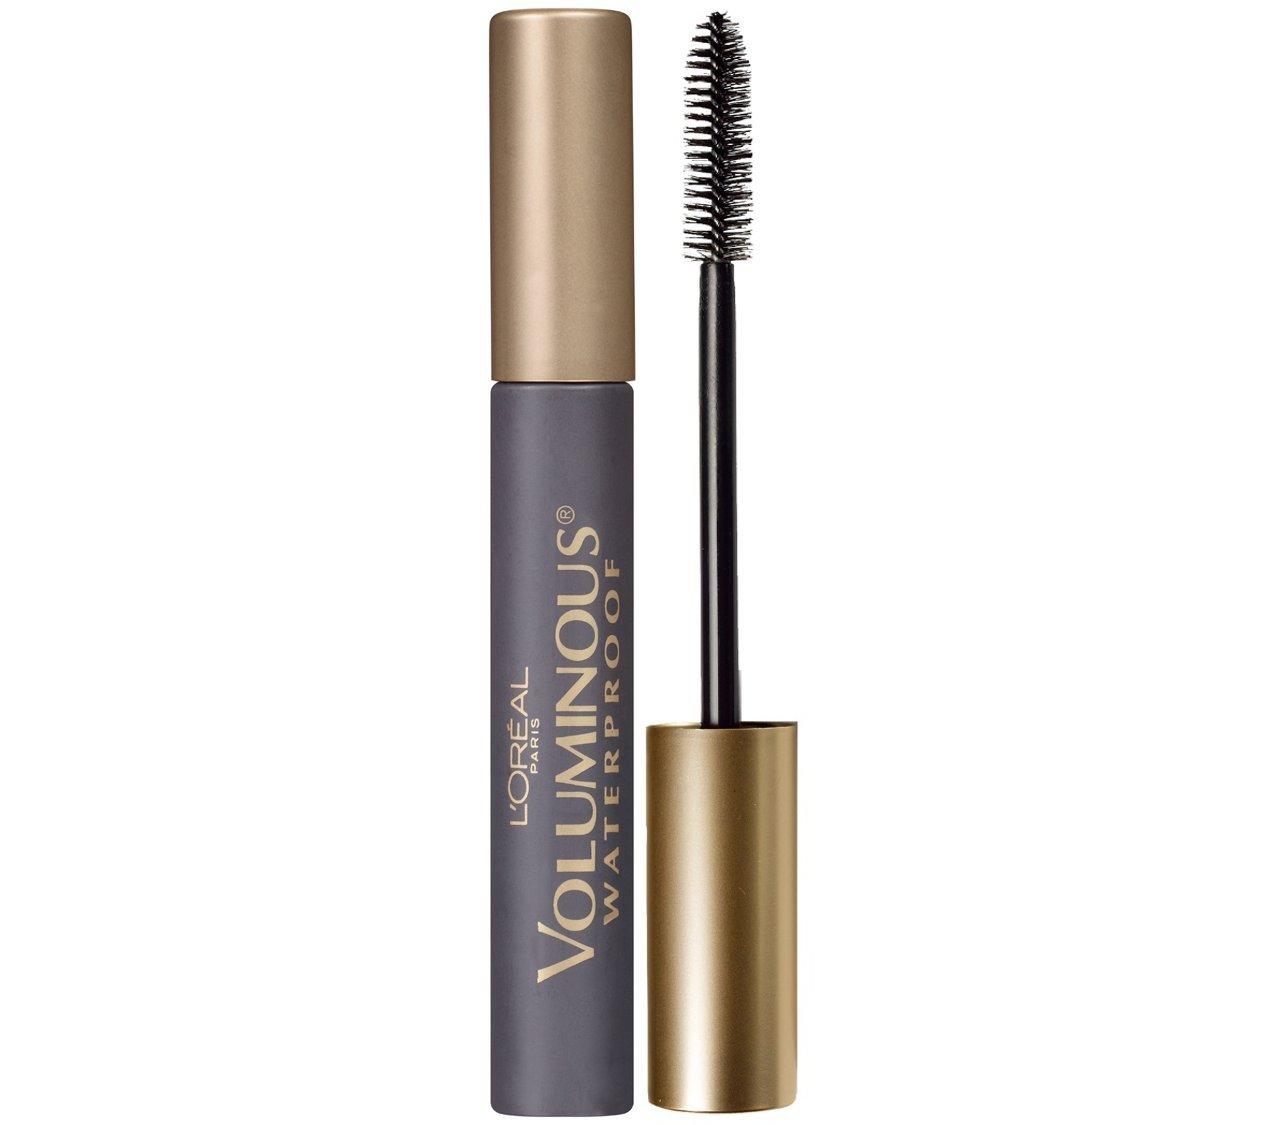 L'Oreal Paris Makeup Voluminous Original Volume Building Waterproof Mascara, Black Brown, 1 Count